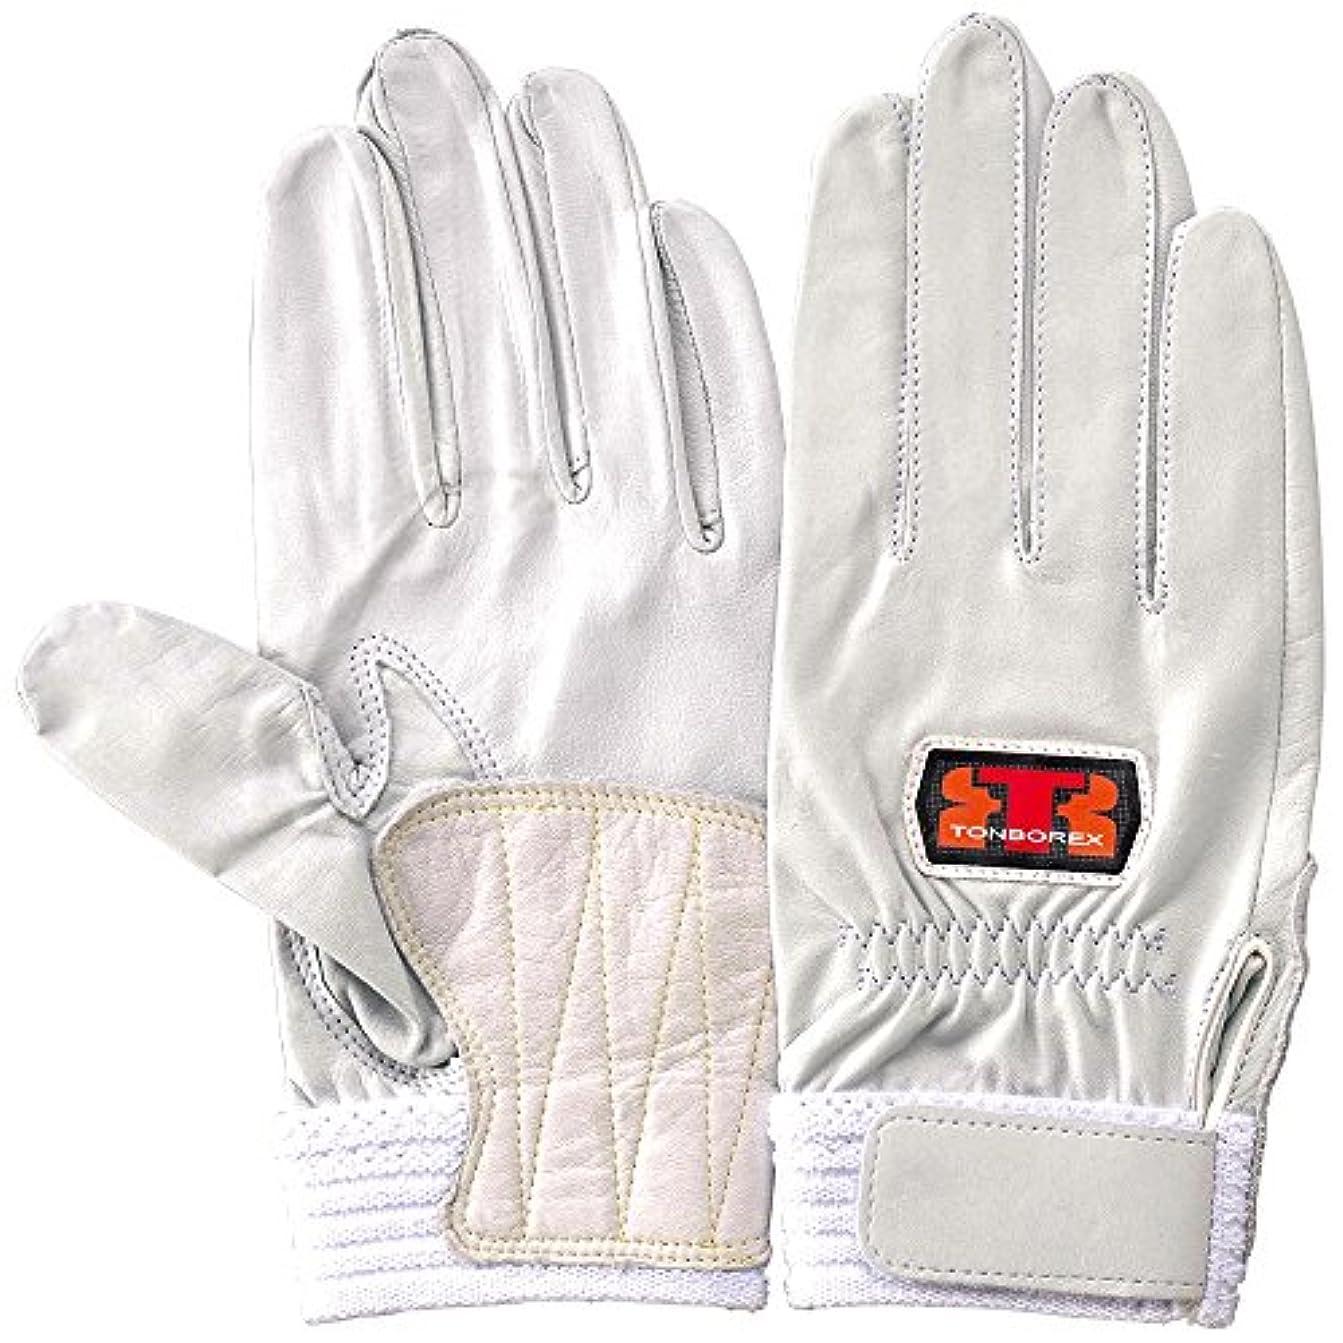 家族本爆発するTONBOREX(トンボレックス) レスキューグローブ 羊革手袋 R-MAX5 ホワイト